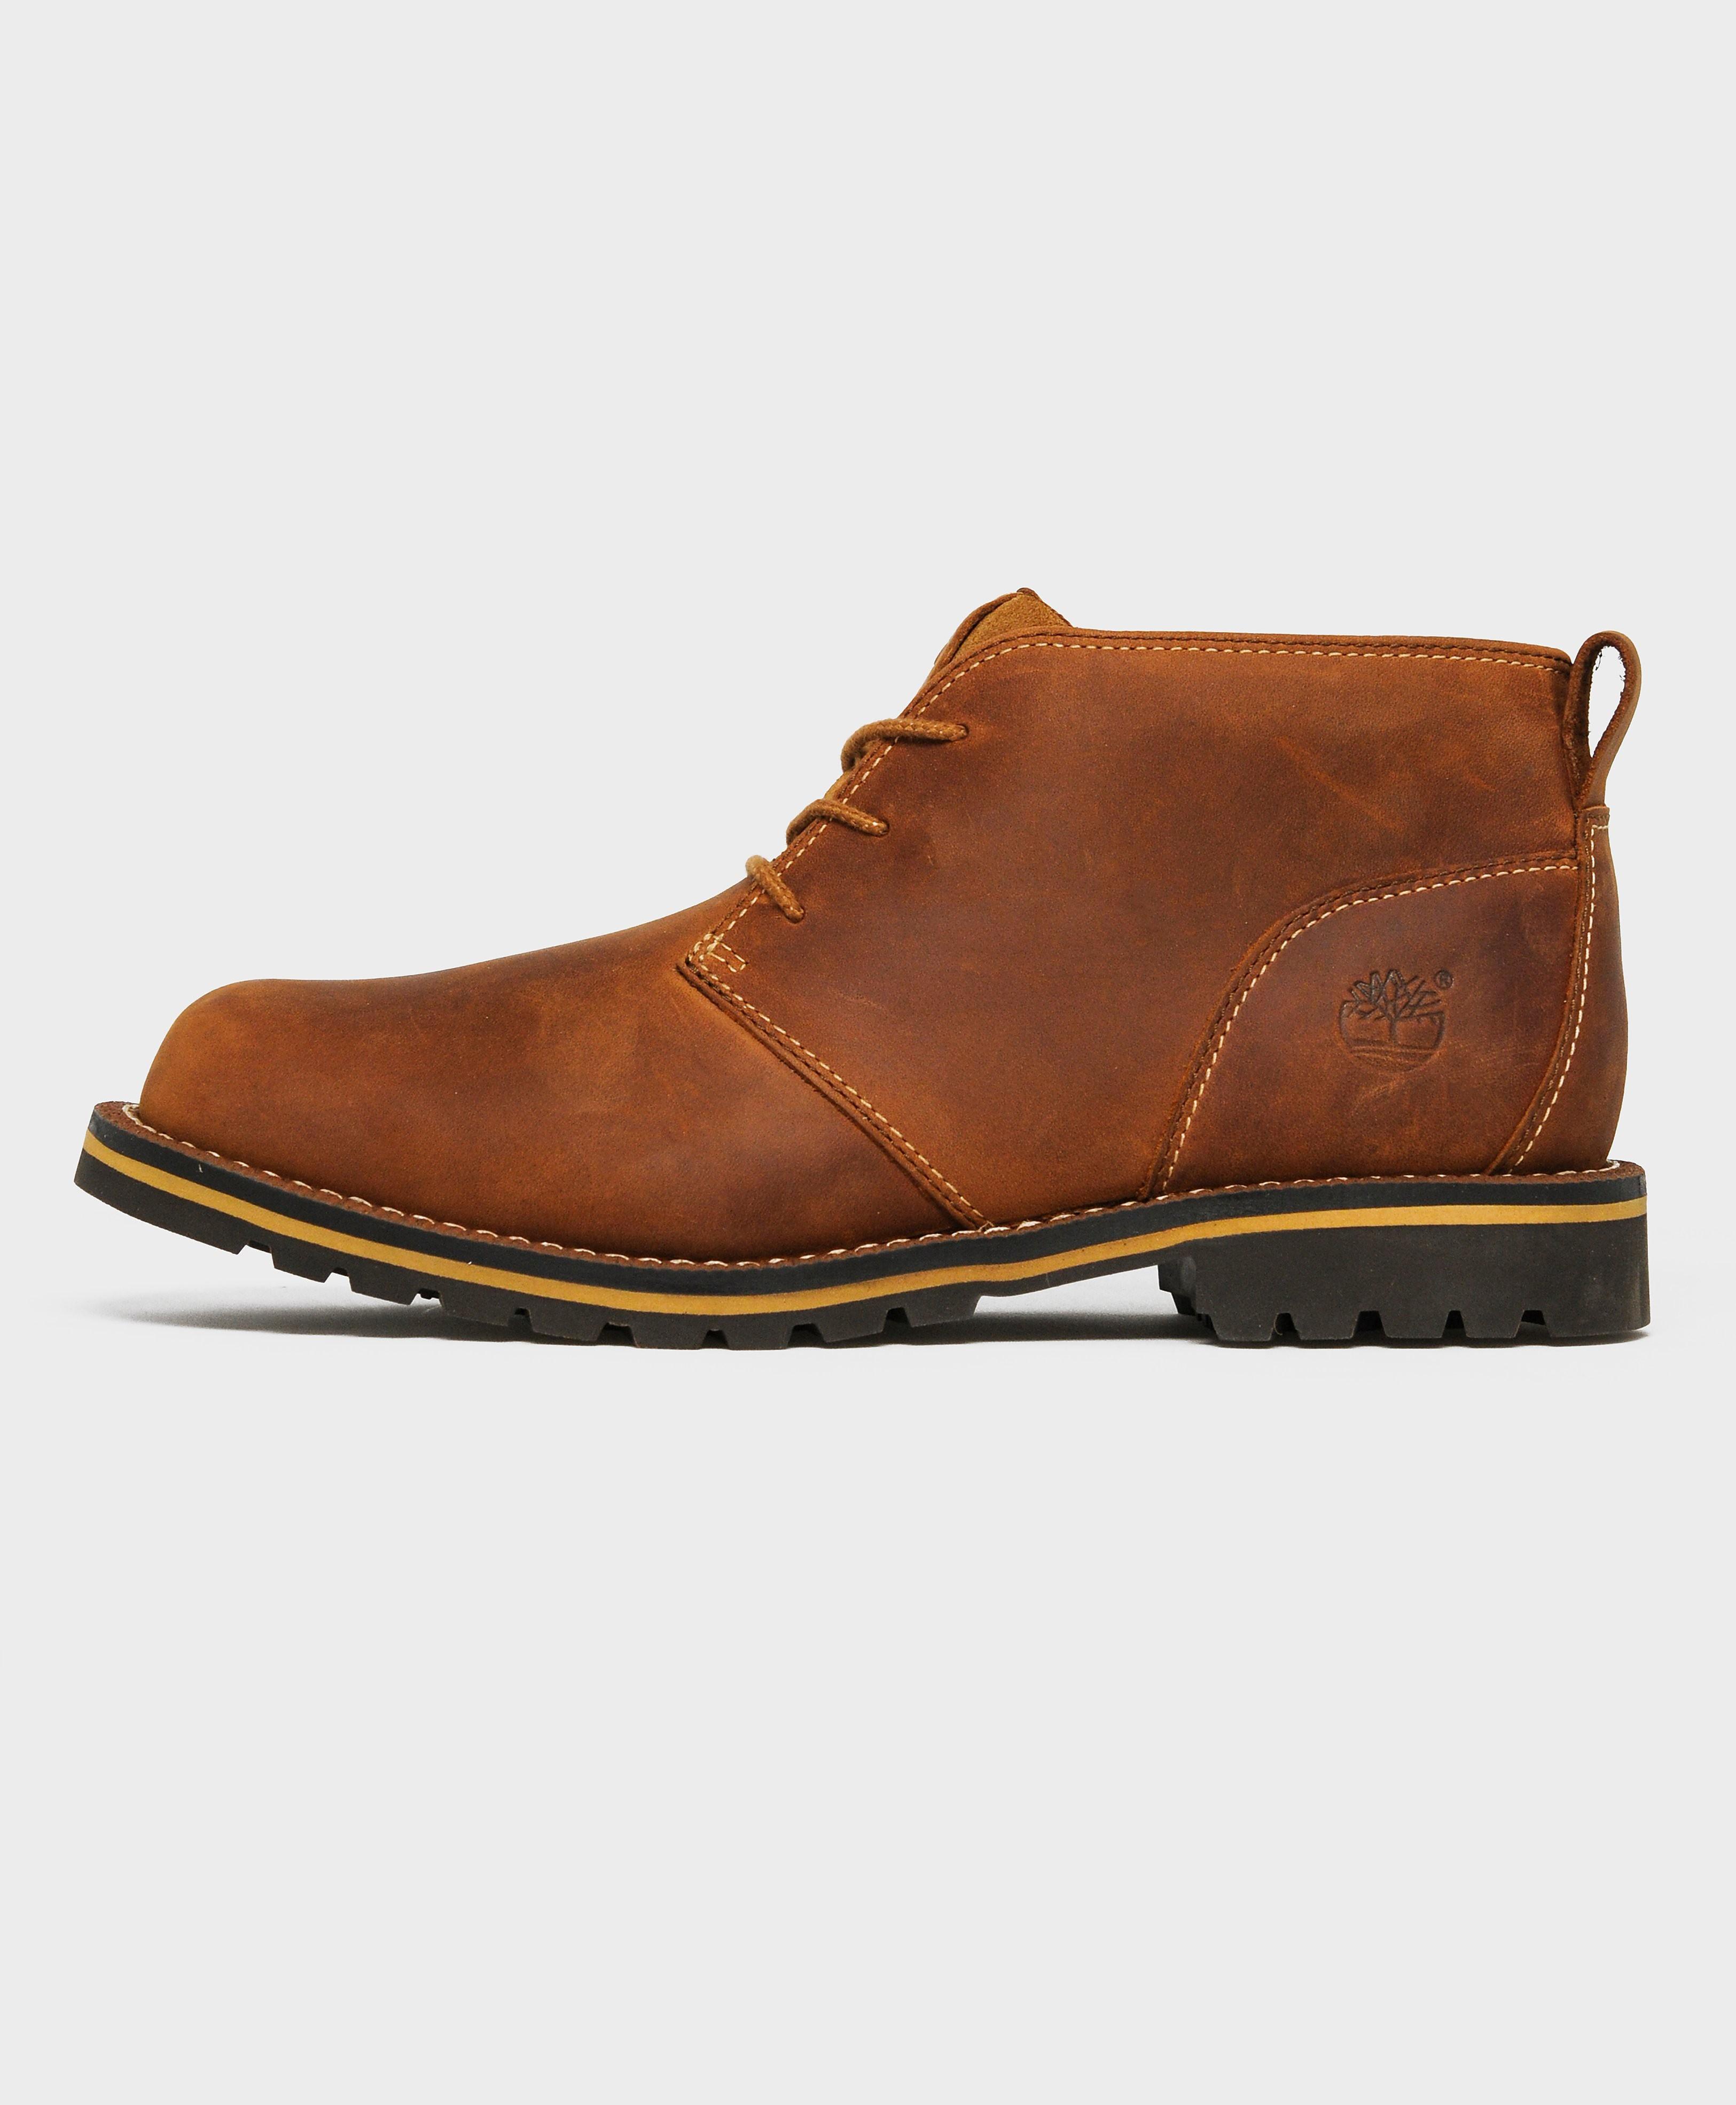 Timberland Grantly Chukka Boot